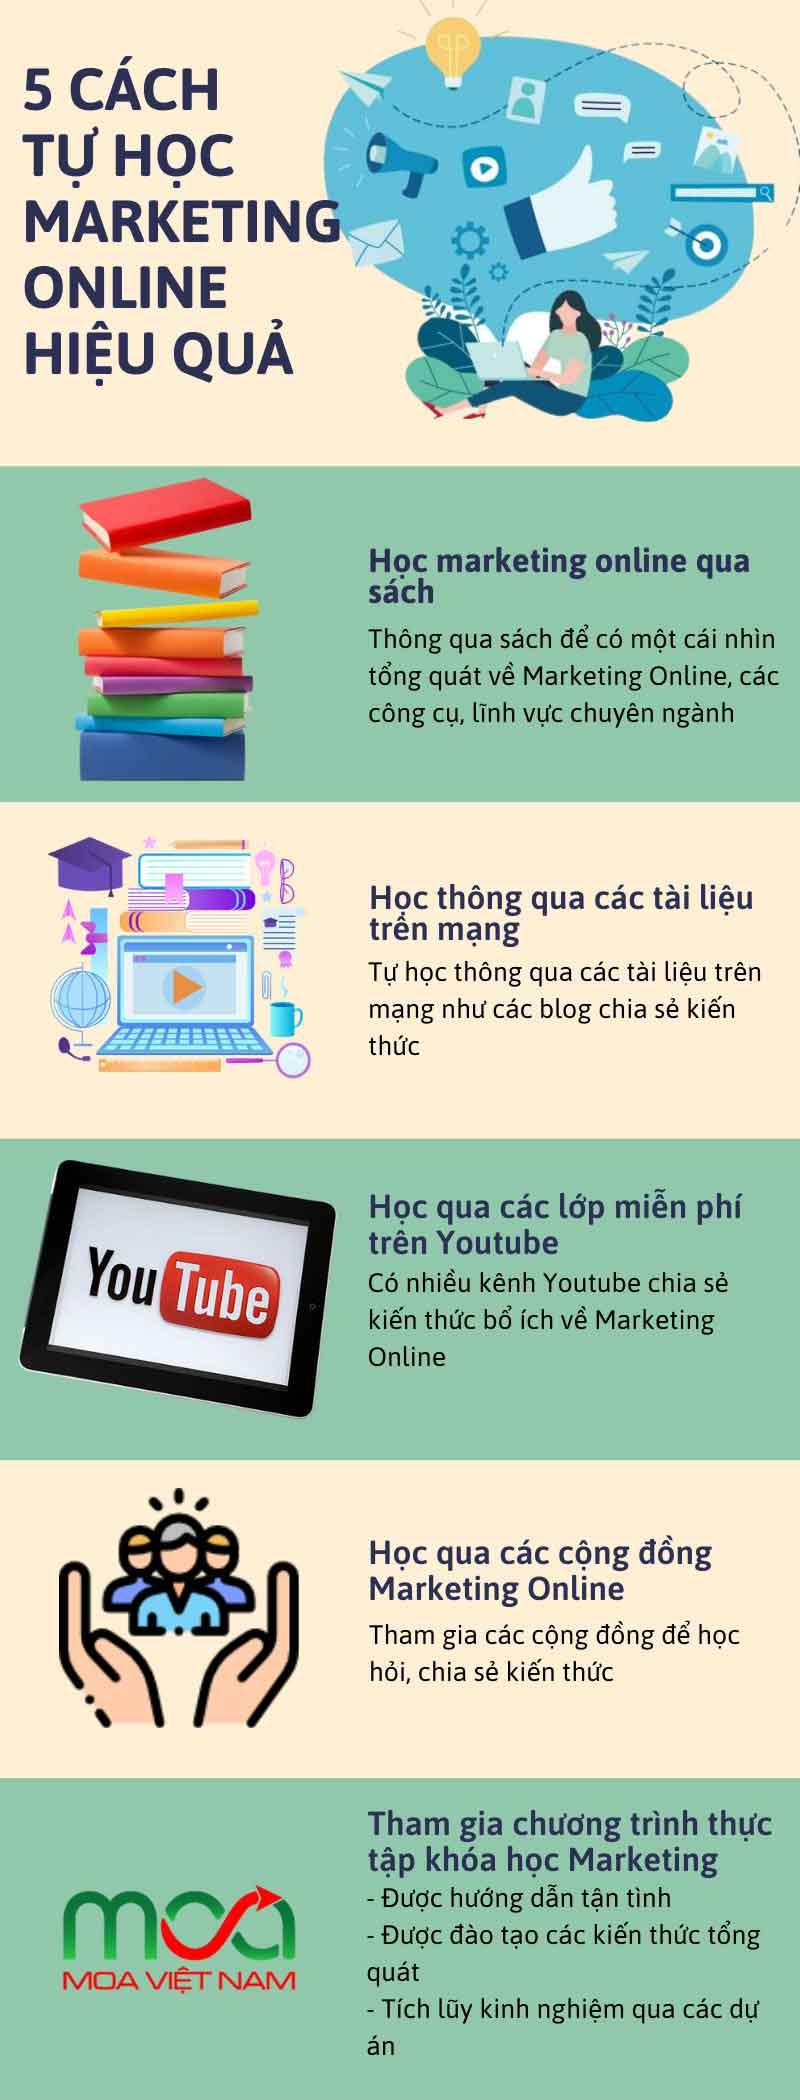 Cách tự Học Marketing Online hiệu quả